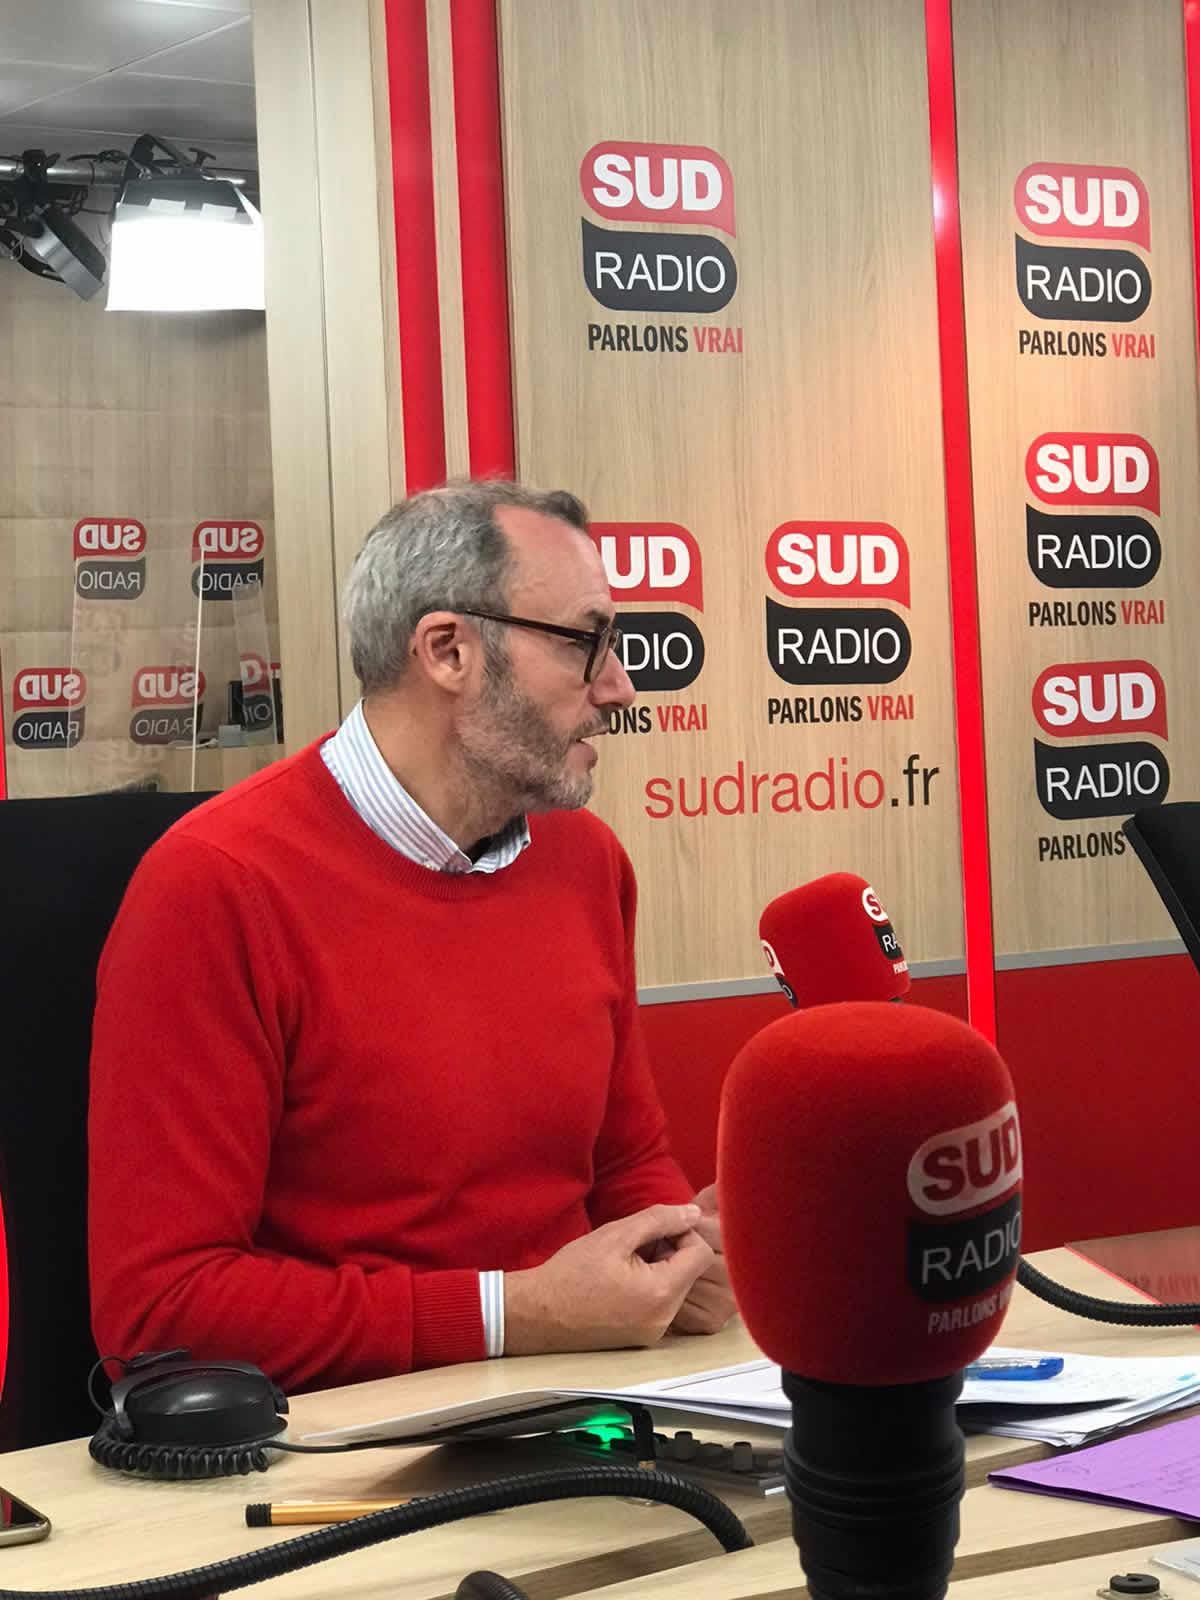 <h2>Eudes Baufreton sur Sud Radio - «La dette publique : une bombe à retardement»</h2>